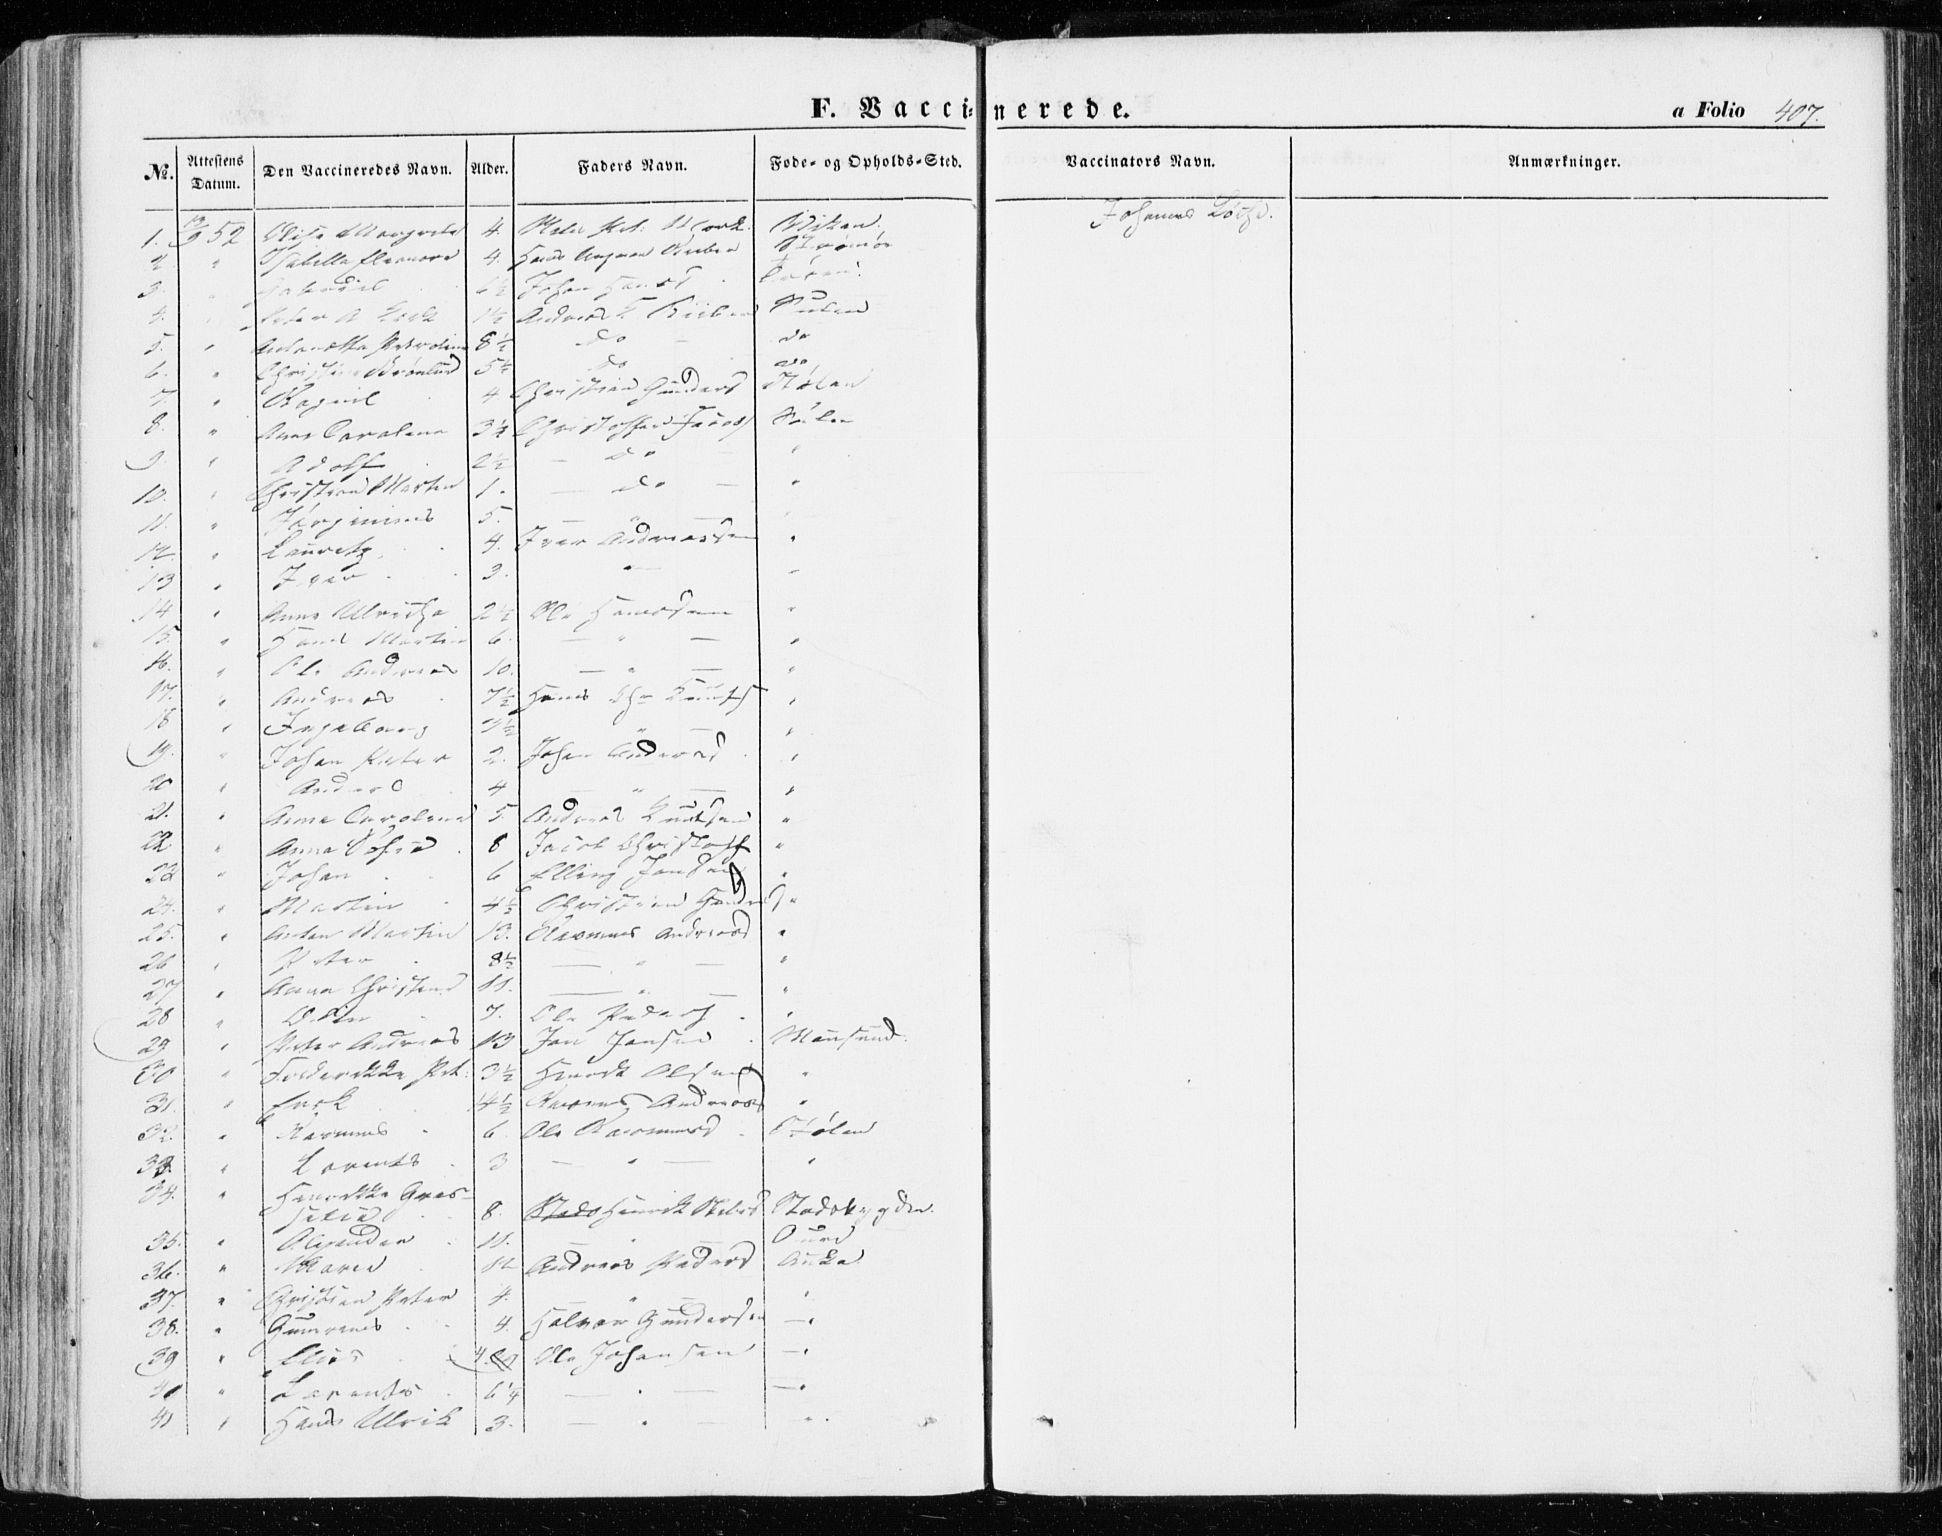 SAT, Ministerialprotokoller, klokkerbøker og fødselsregistre - Sør-Trøndelag, 634/L0530: Ministerialbok nr. 634A06, 1852-1860, s. 407